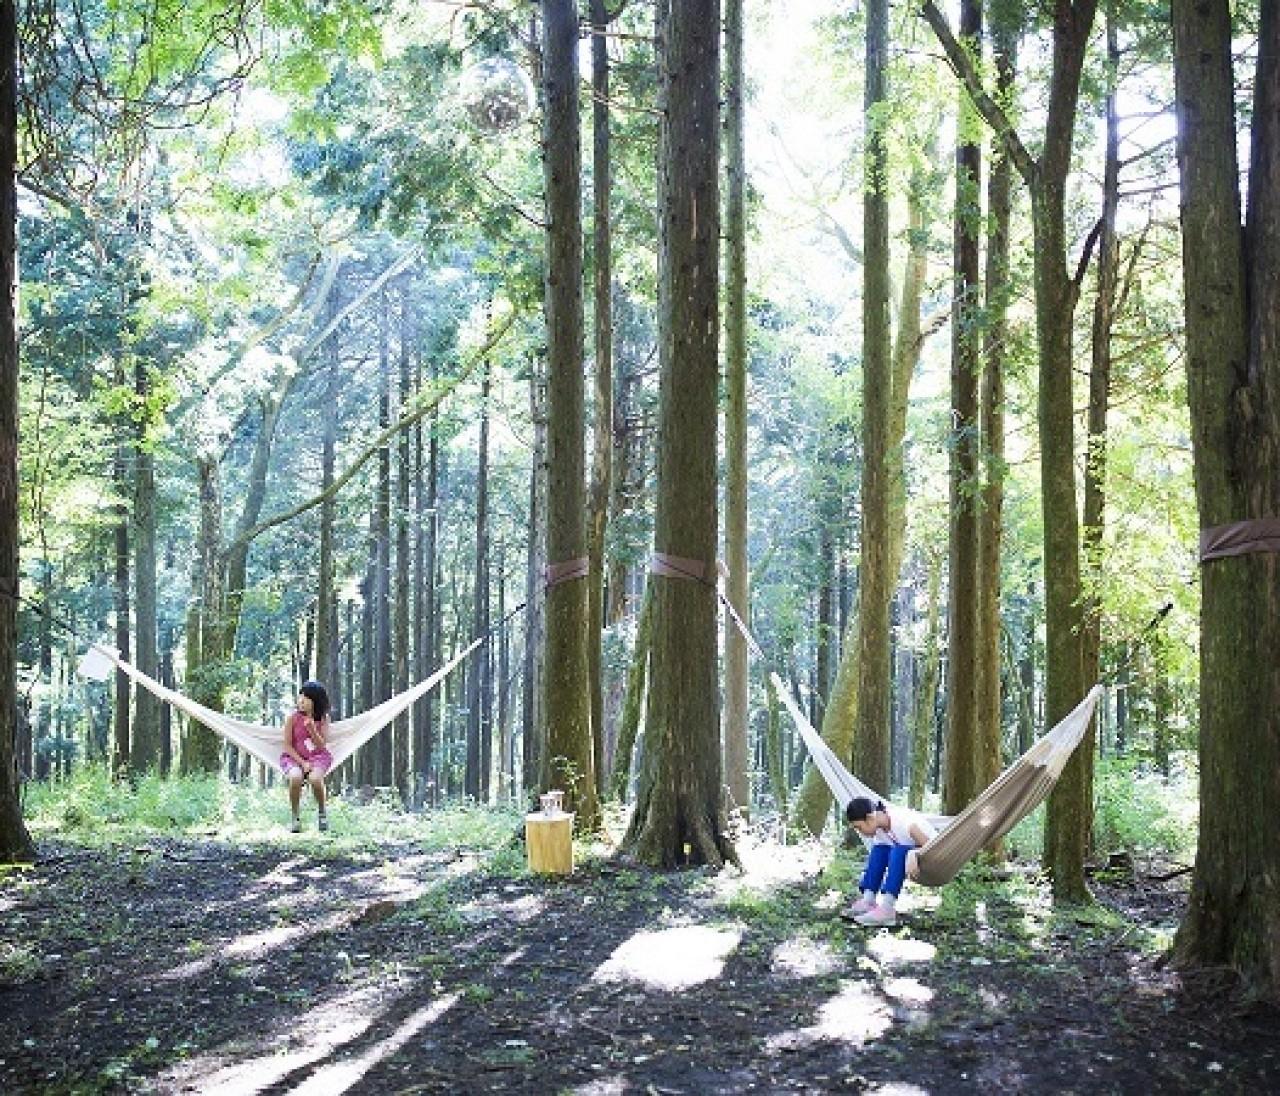 大人気キャンプイベント、ポーラ美術館の「FOREST MUSEUM 2019」申込開始!